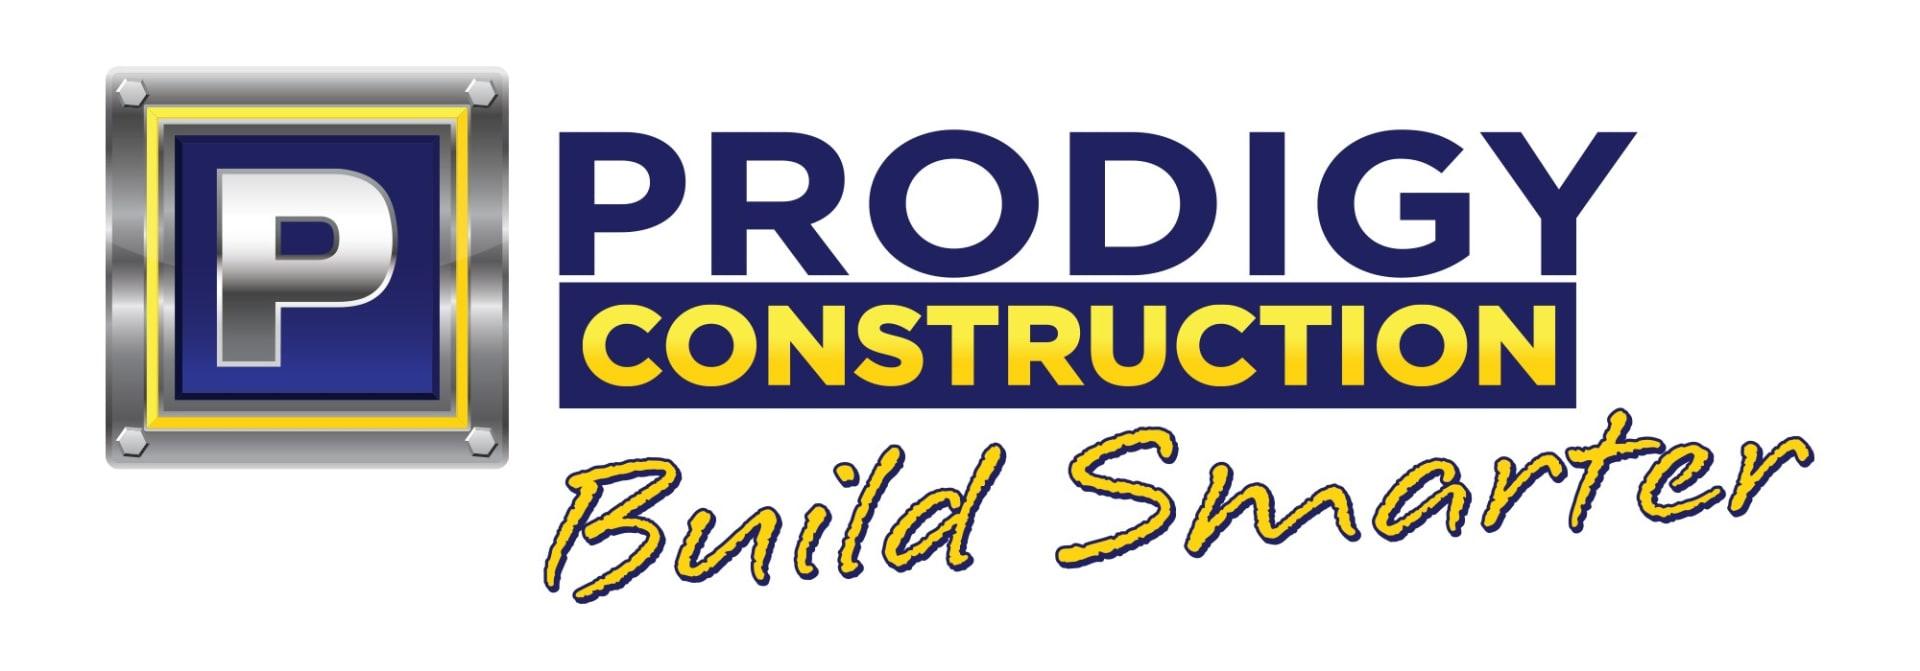 Prodigy-logo-w1920.jpg